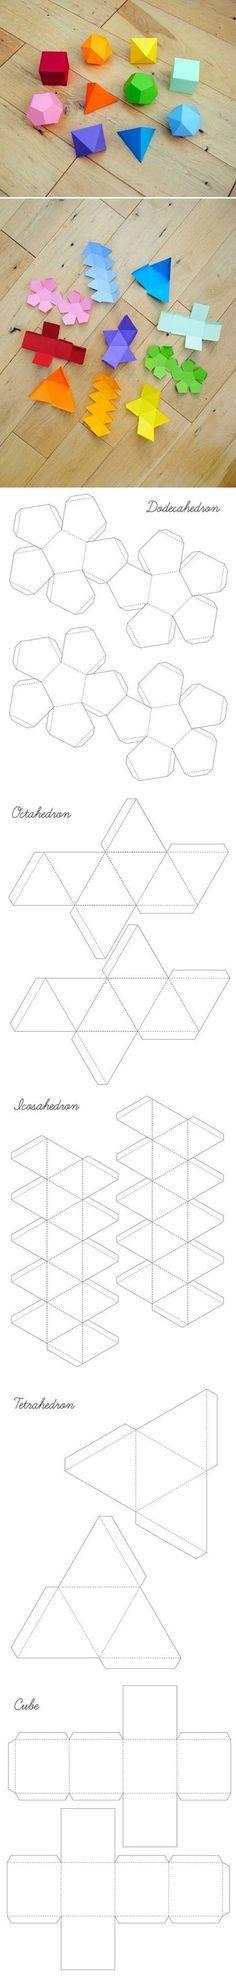 Tutoriel toutes formes géométriques